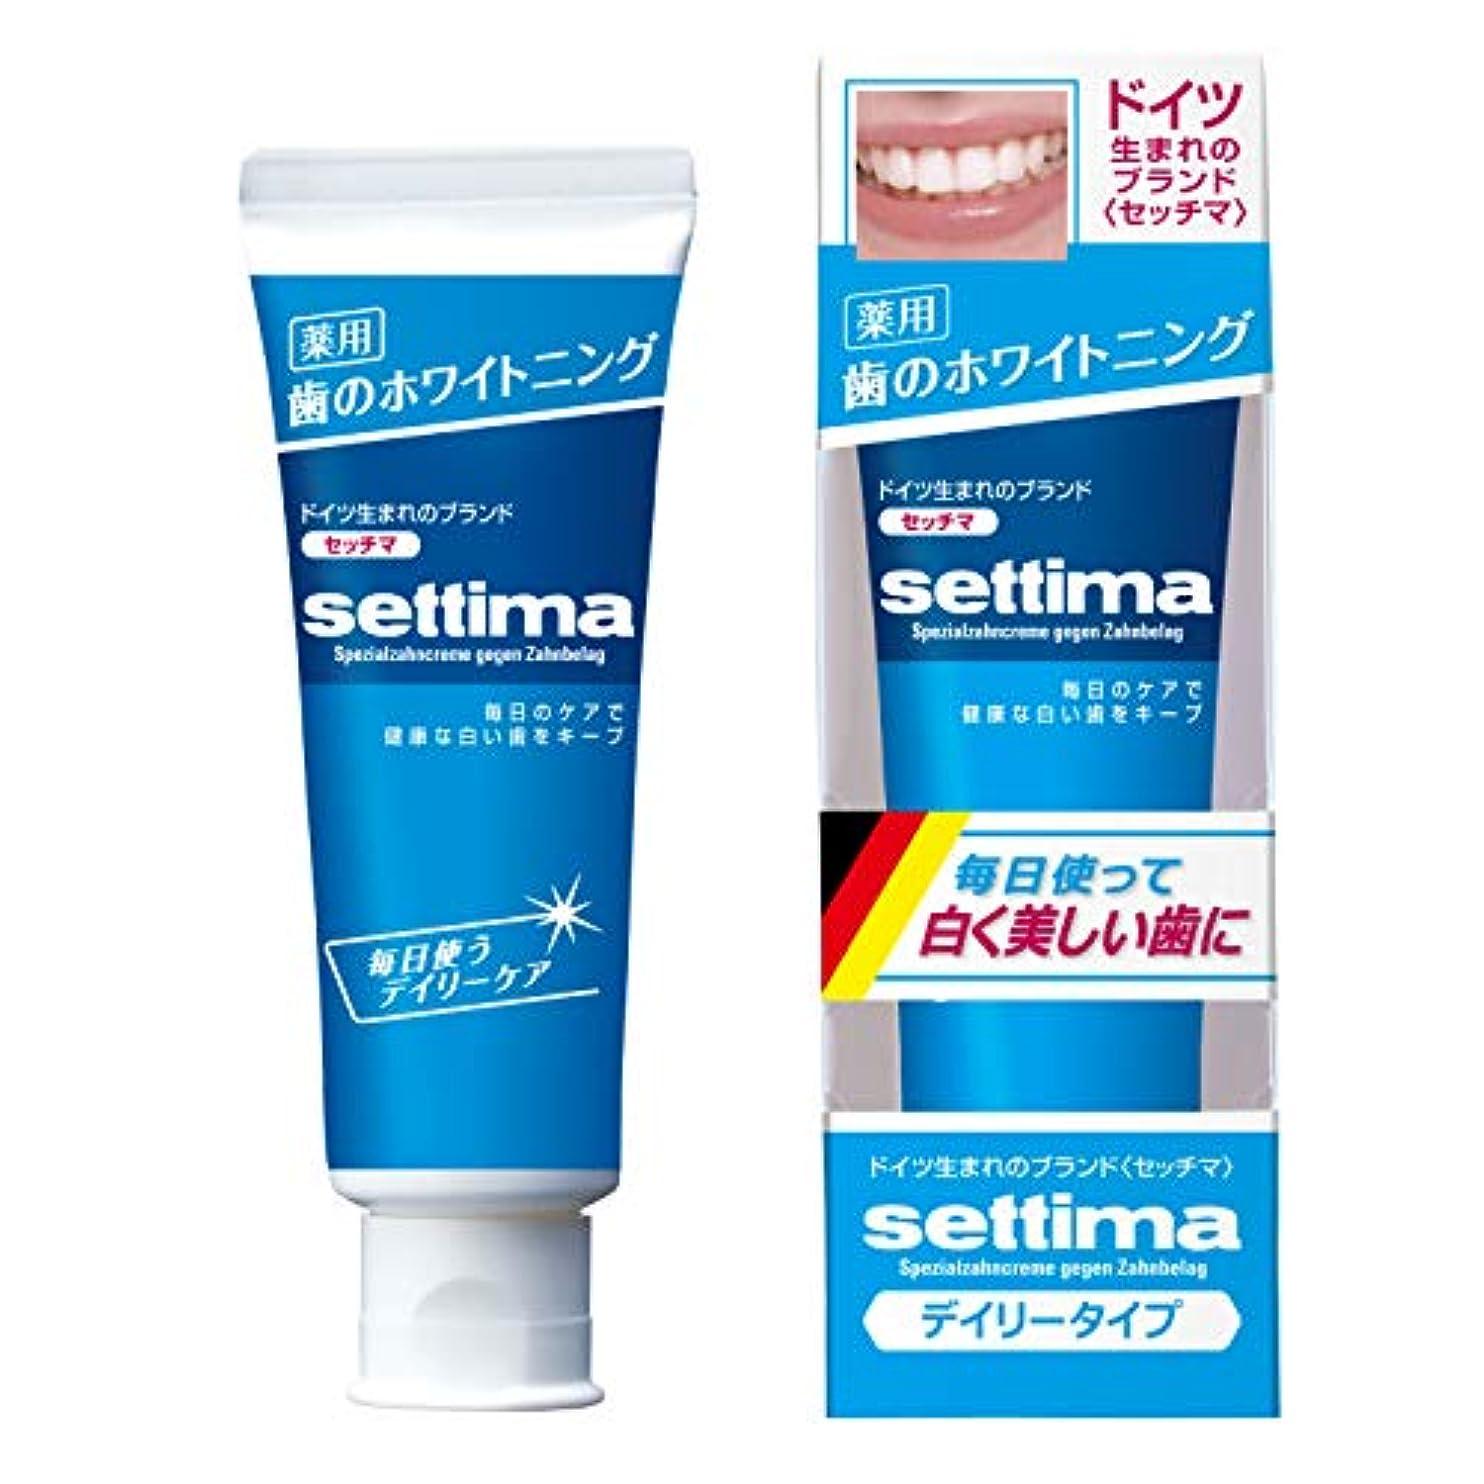 自分自身知的親[医薬部外品] settima(セッチマ) ホワイトニング 歯みがき デイリーケア [ファインミントタイプ] <ステインケア タバコのヤニ取り フッ素配合 虫歯予防> 80g